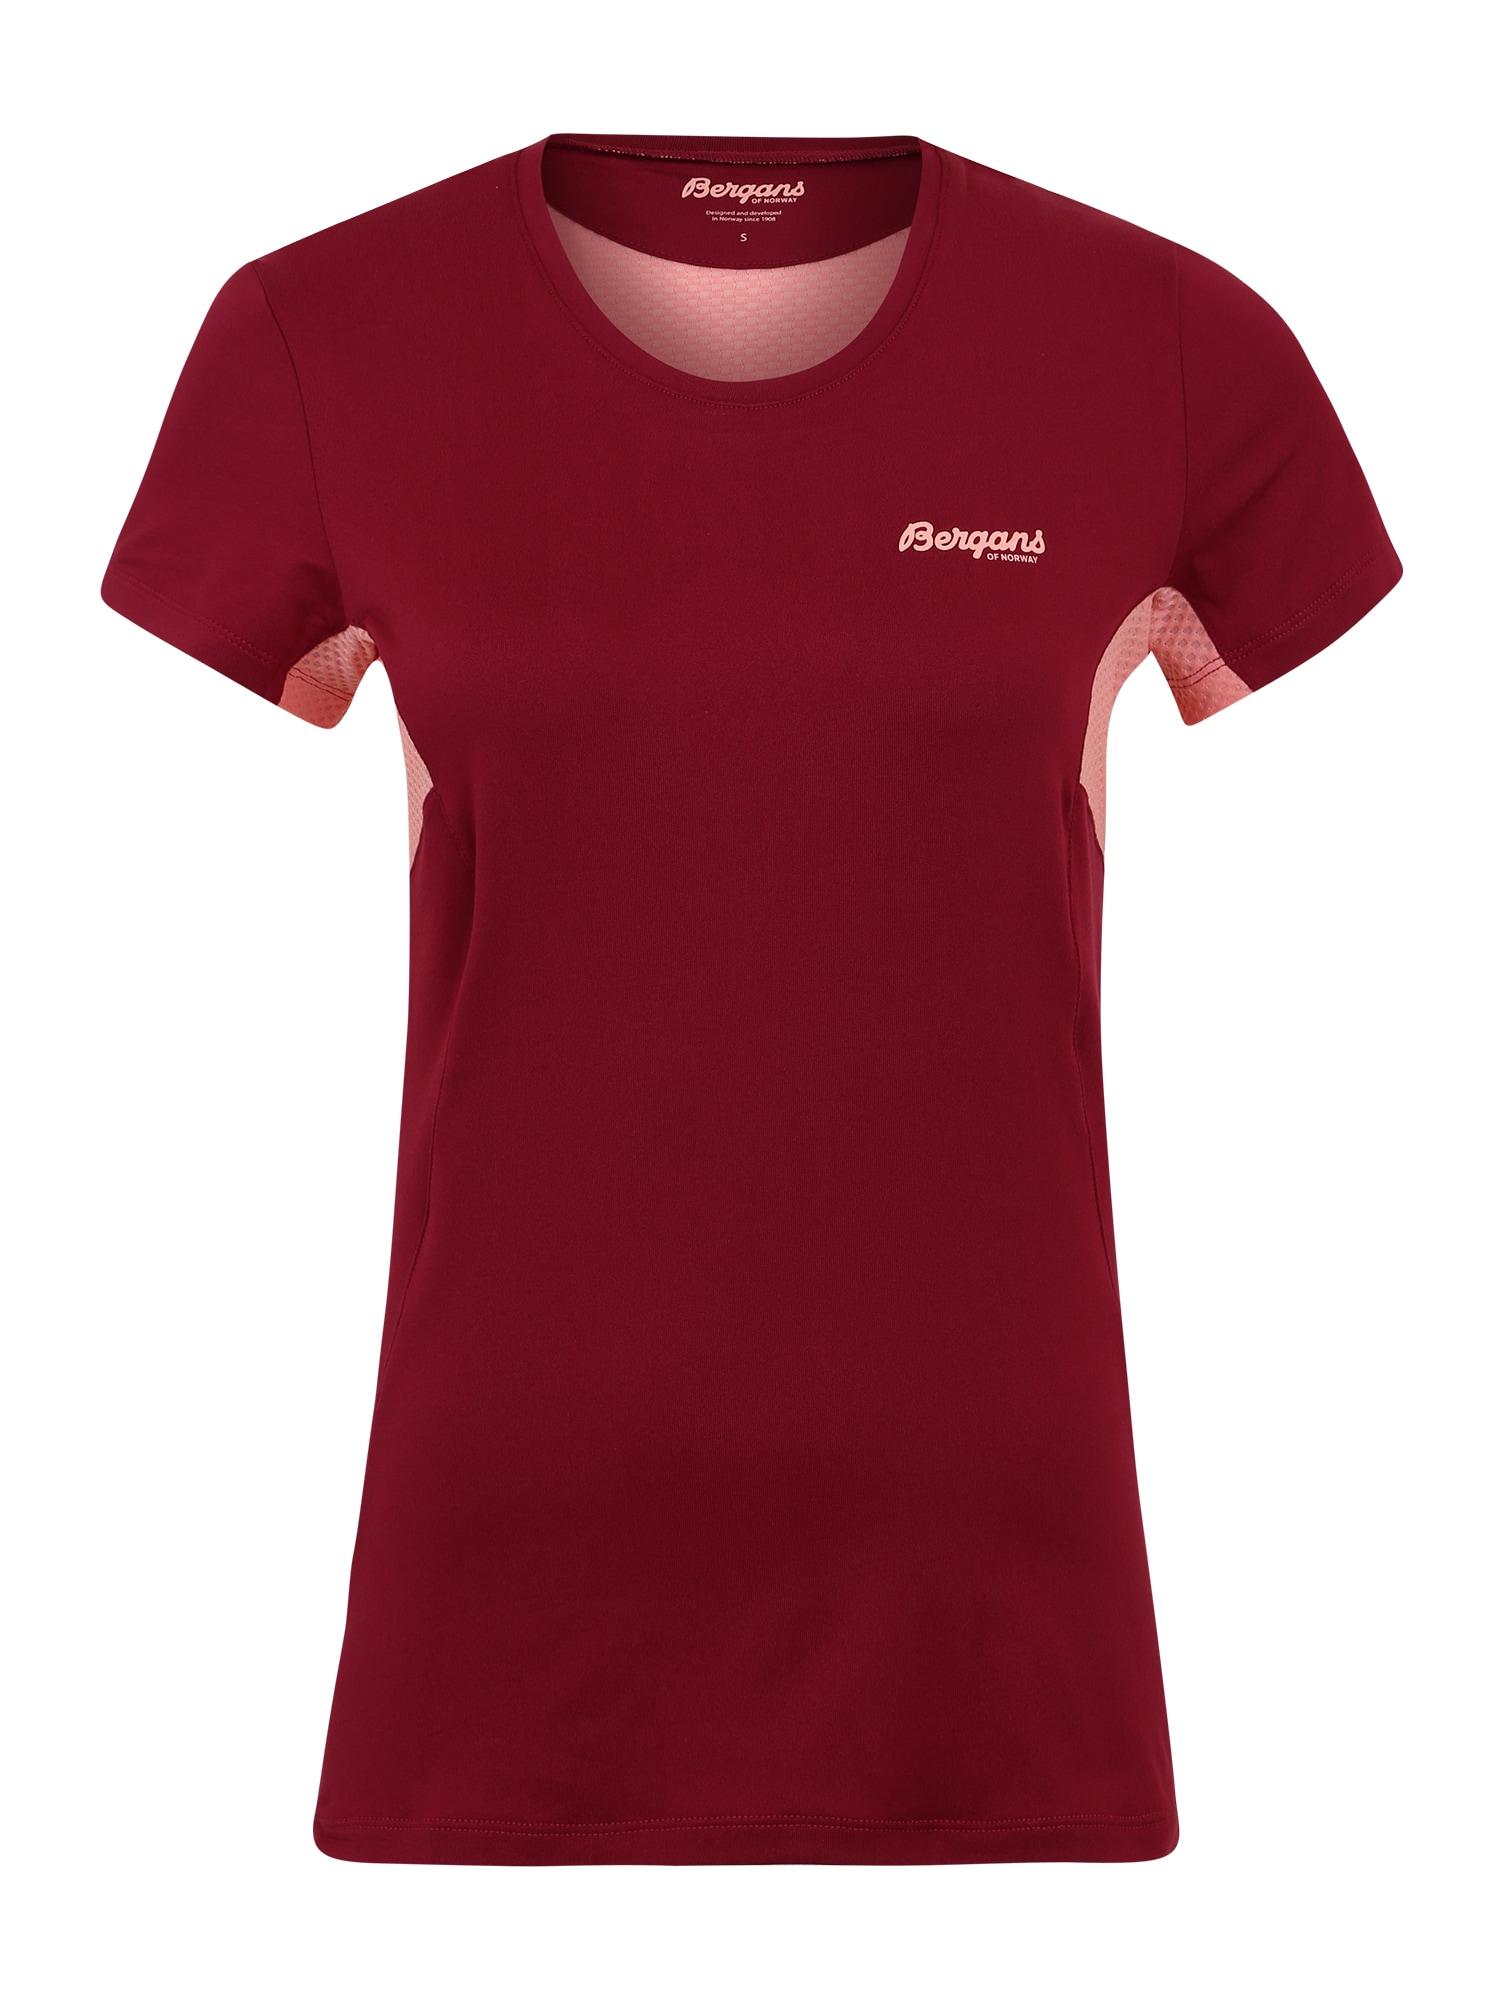 Bergans Sportiniai marškinėliai 'Fløyen' vyno raudona spalva